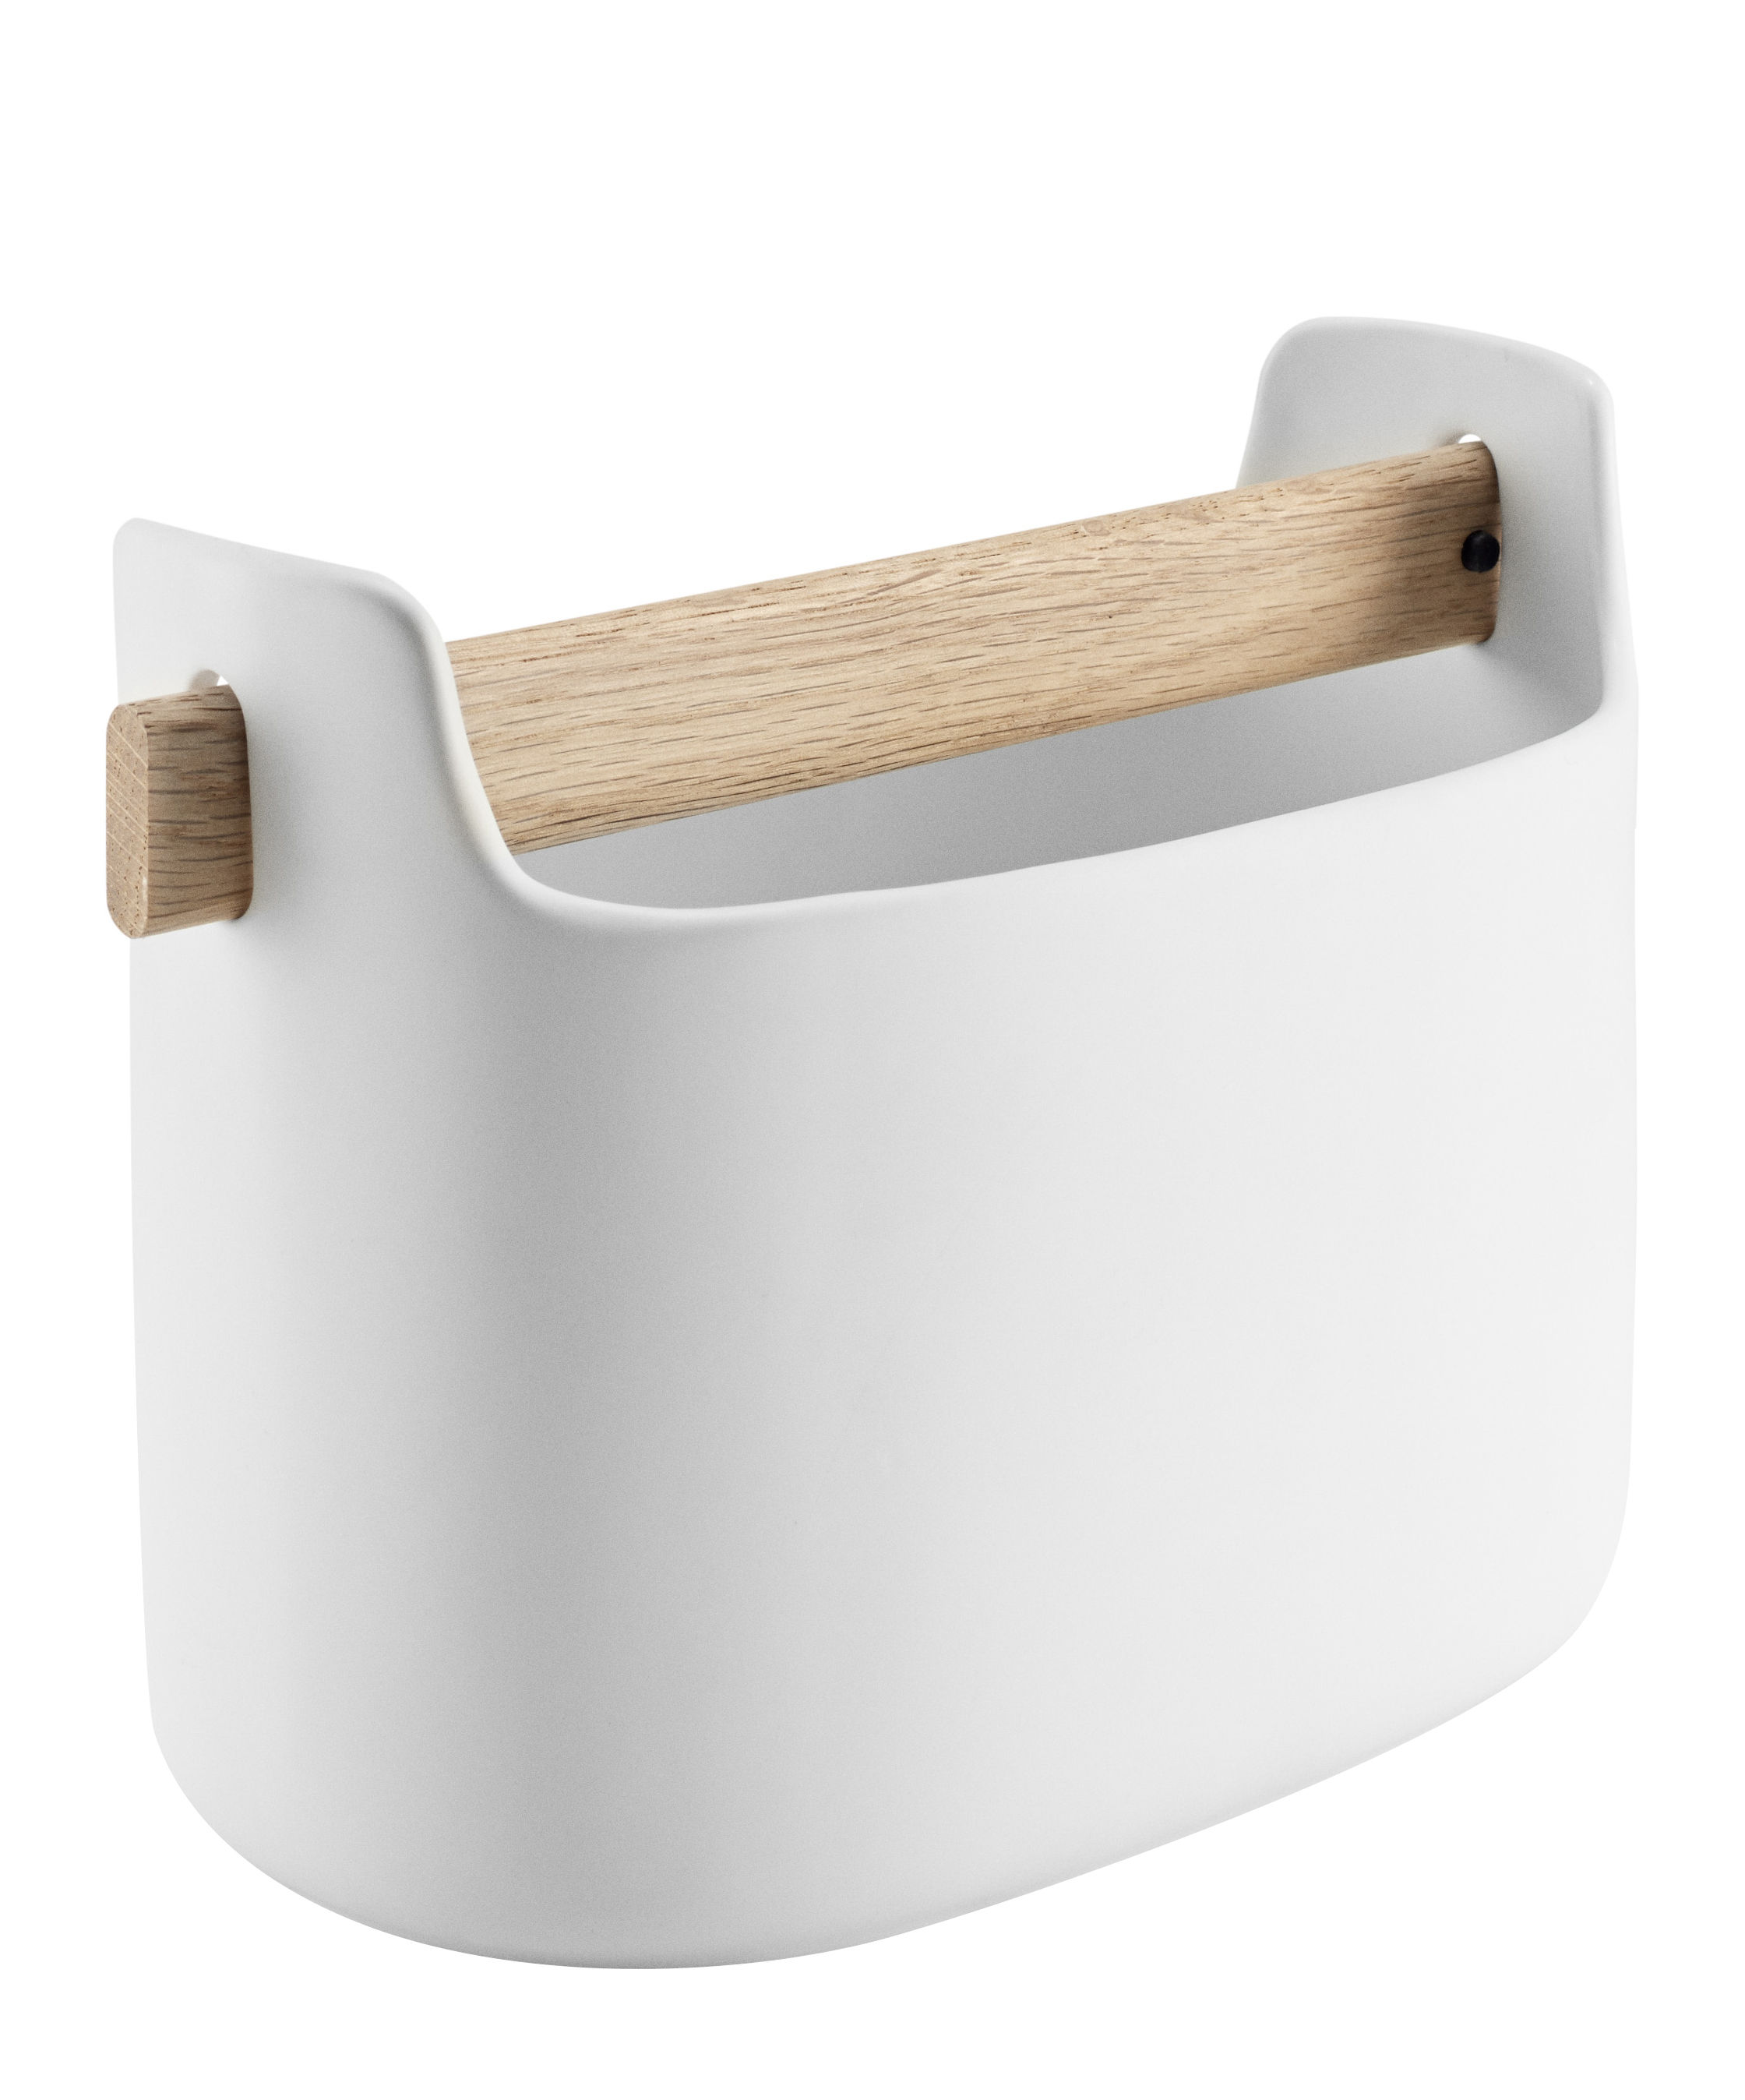 Accessoires - Accessoires bureau - Bac de rangement / L 19 x H 15 cm - Céramique & chêne - Eva Solo - Blanc / Chêne - Céramique, Chêne